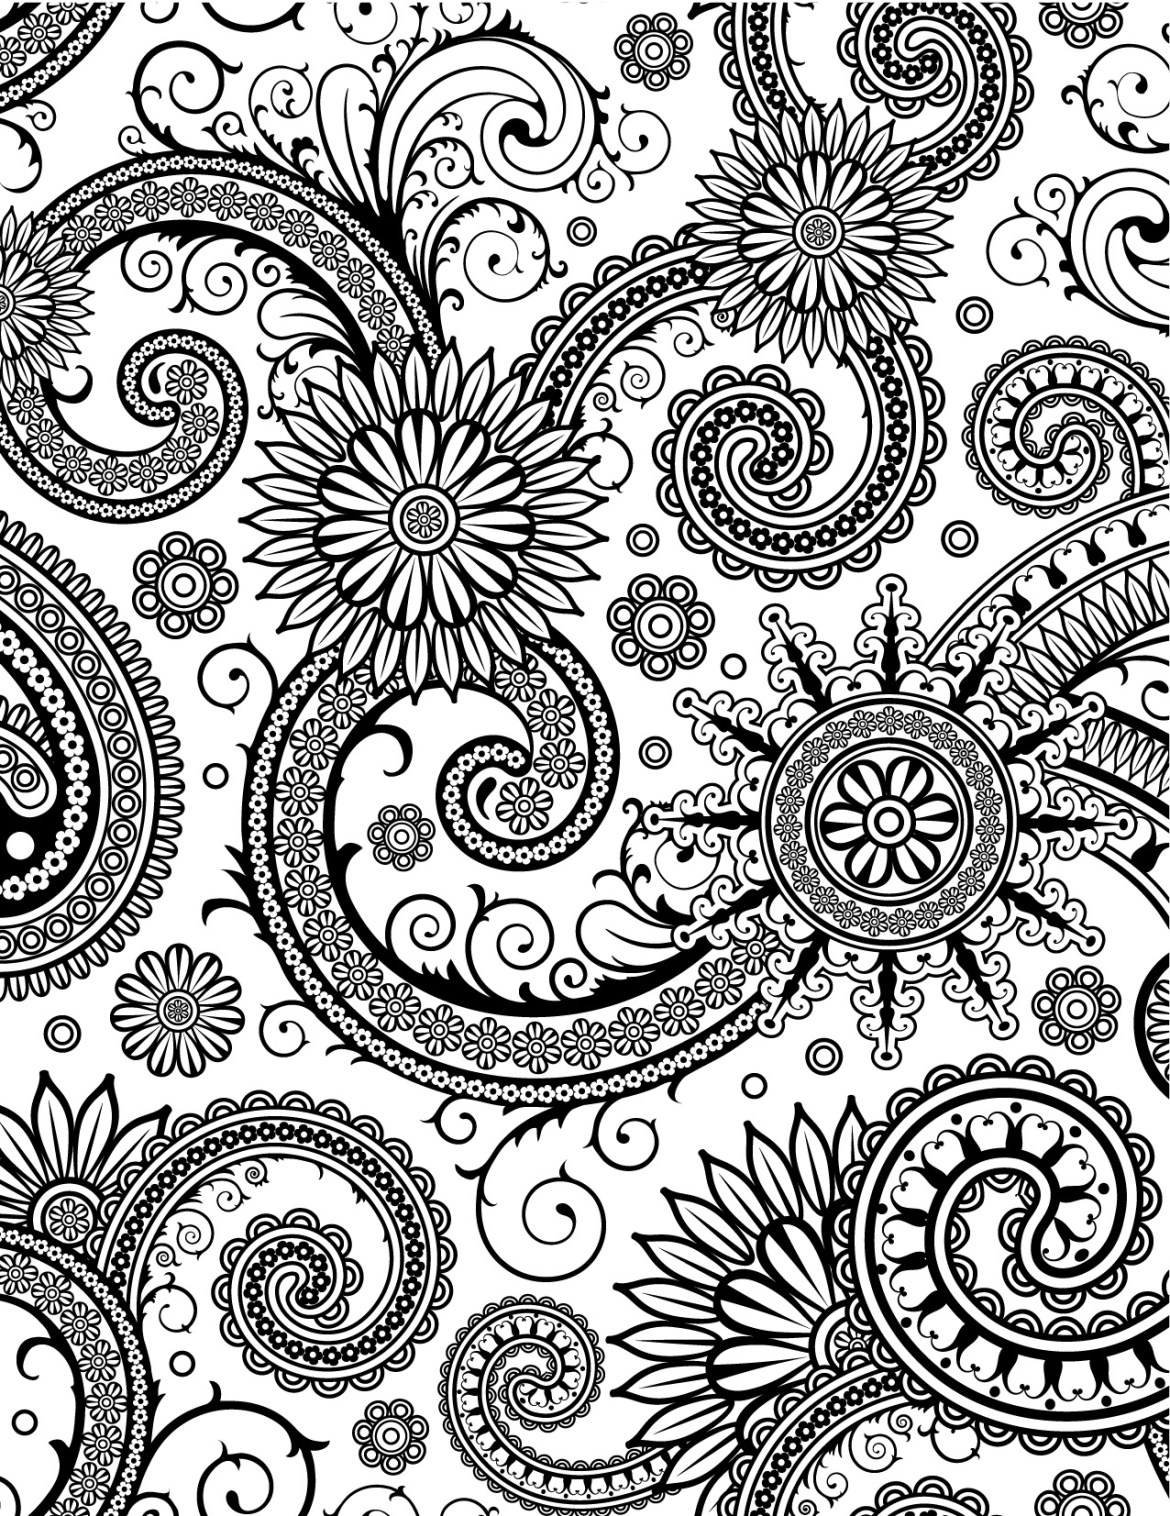 Très difficile pattern zendoodle délicats à colorier gratuit